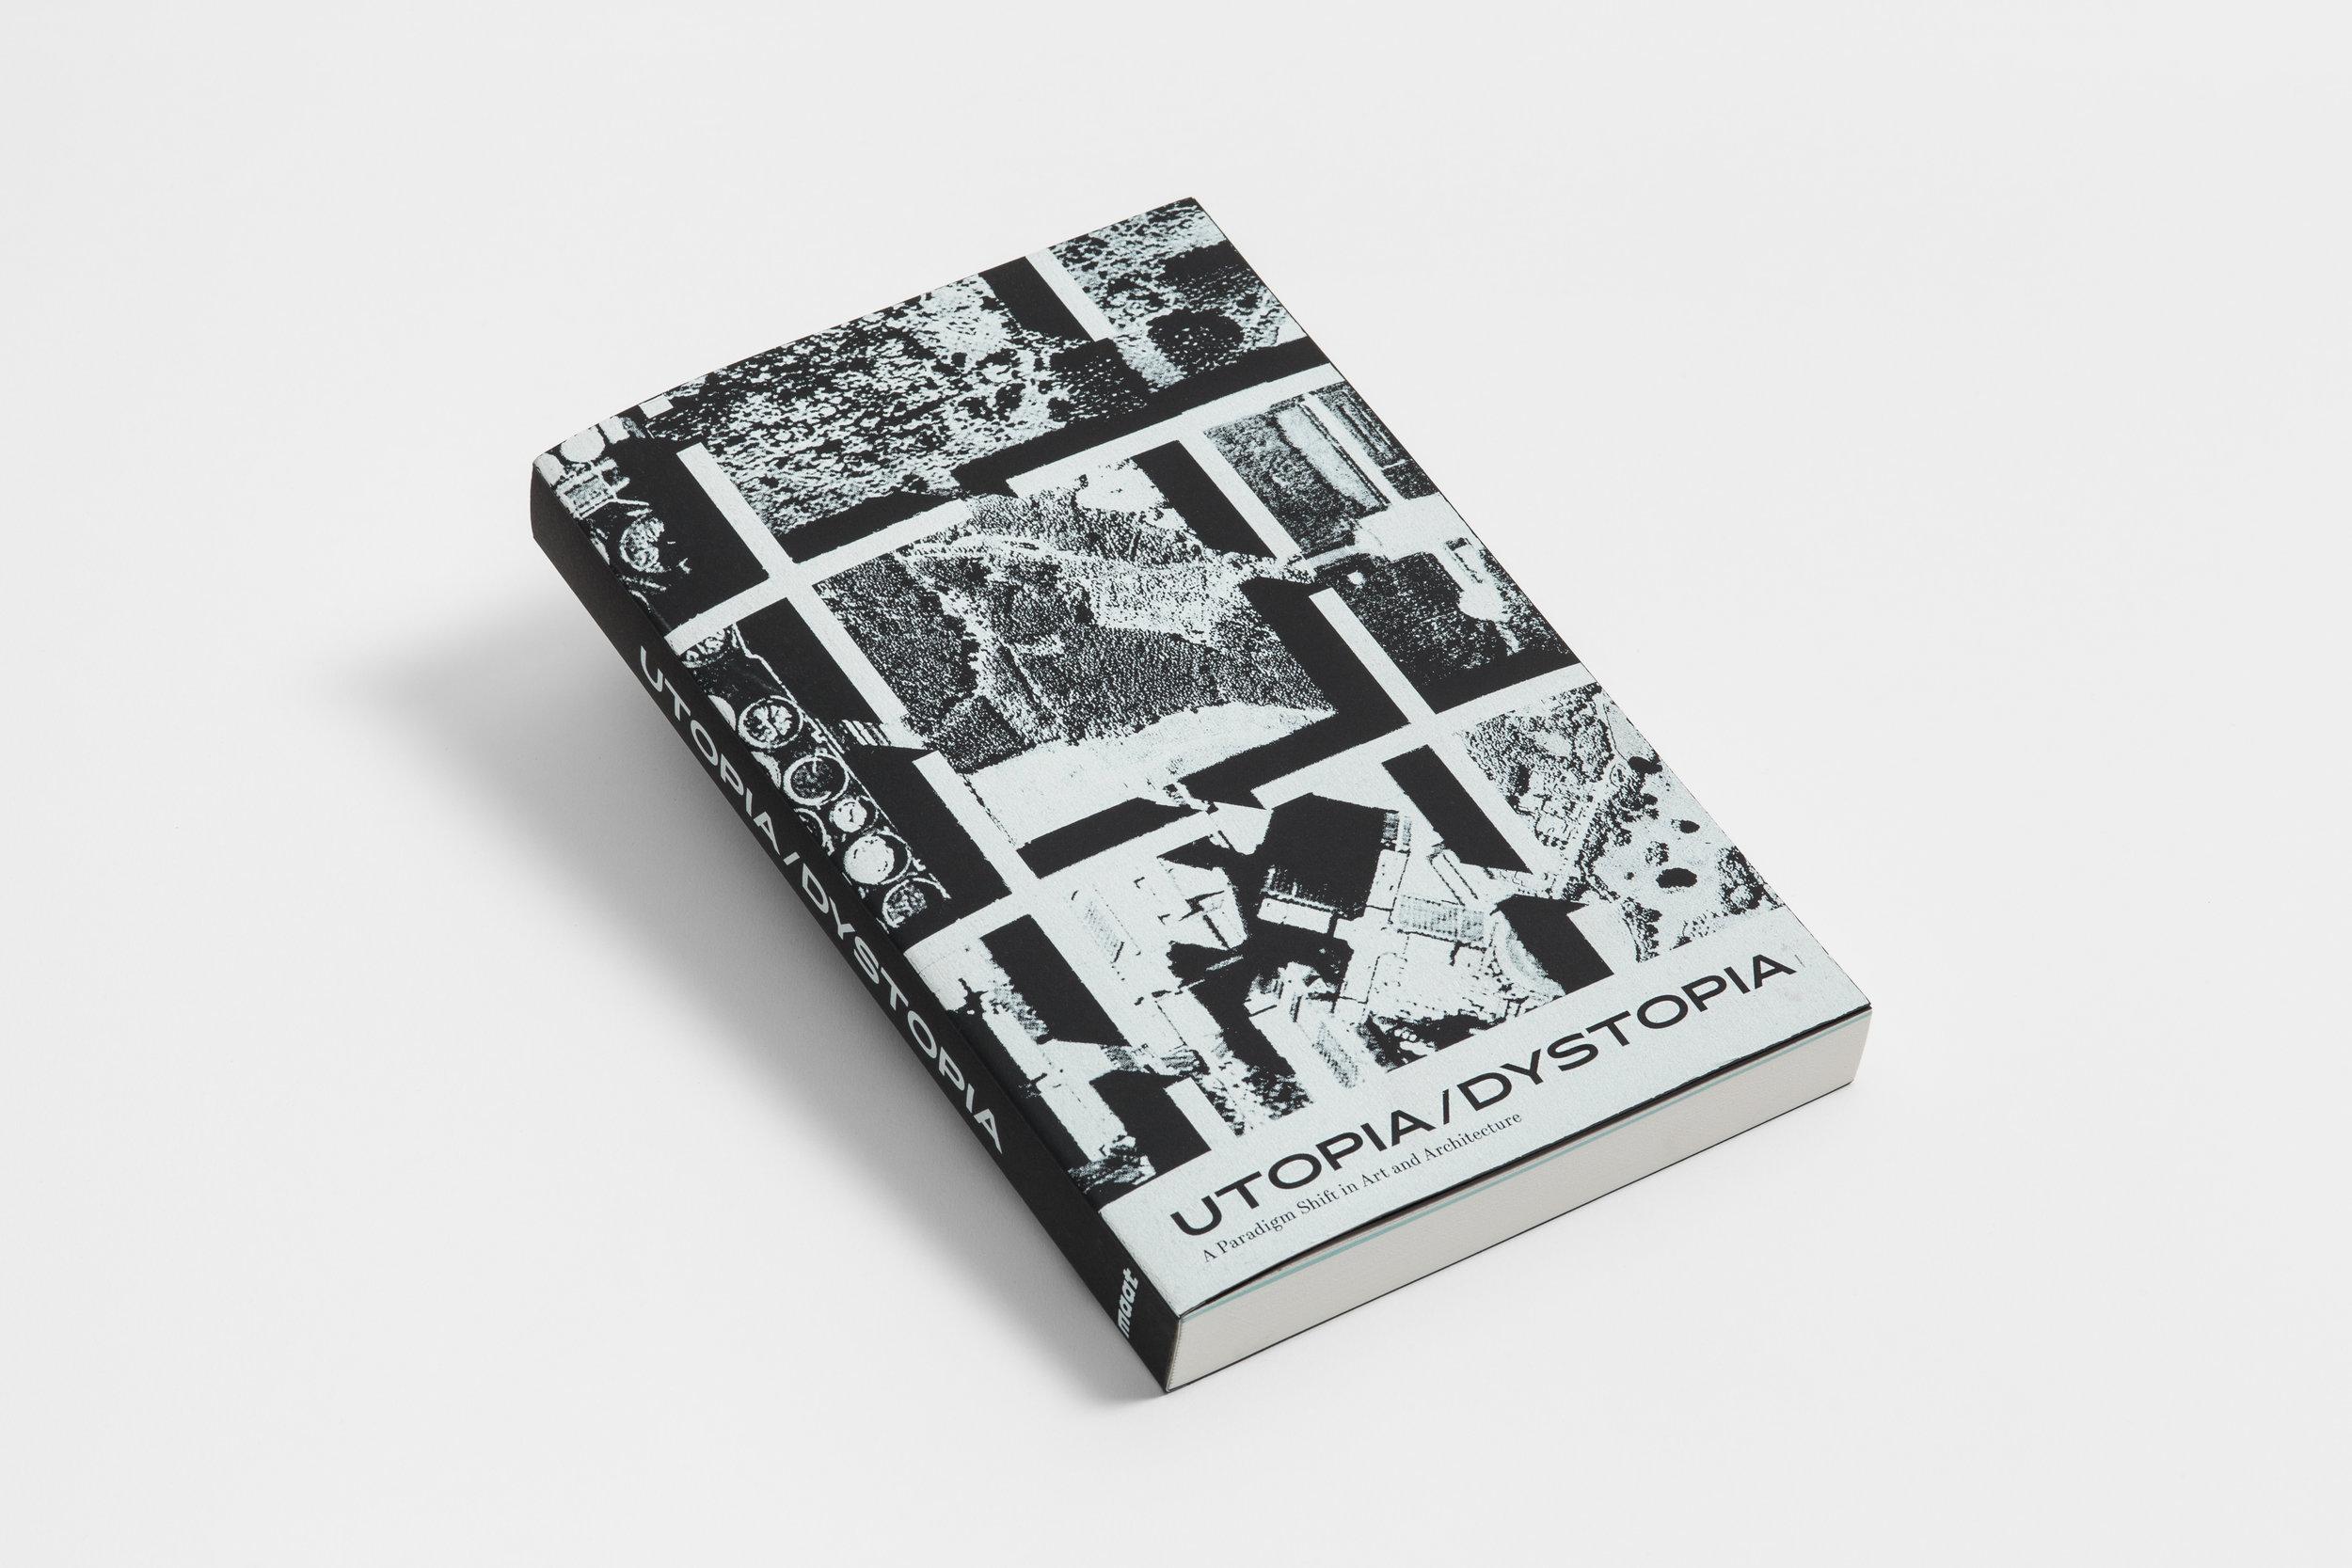 Gadanho, Pedro; Laia, João; Ventura, Susana (eds.);  Utopia / Dystopia: A Paradigm Shift in Art and Architecture . Milano: Mousse Publishing, Fundação EDP, March 2017. Cover photograph by Bruno Lopes, courtesy Fundação EDP.